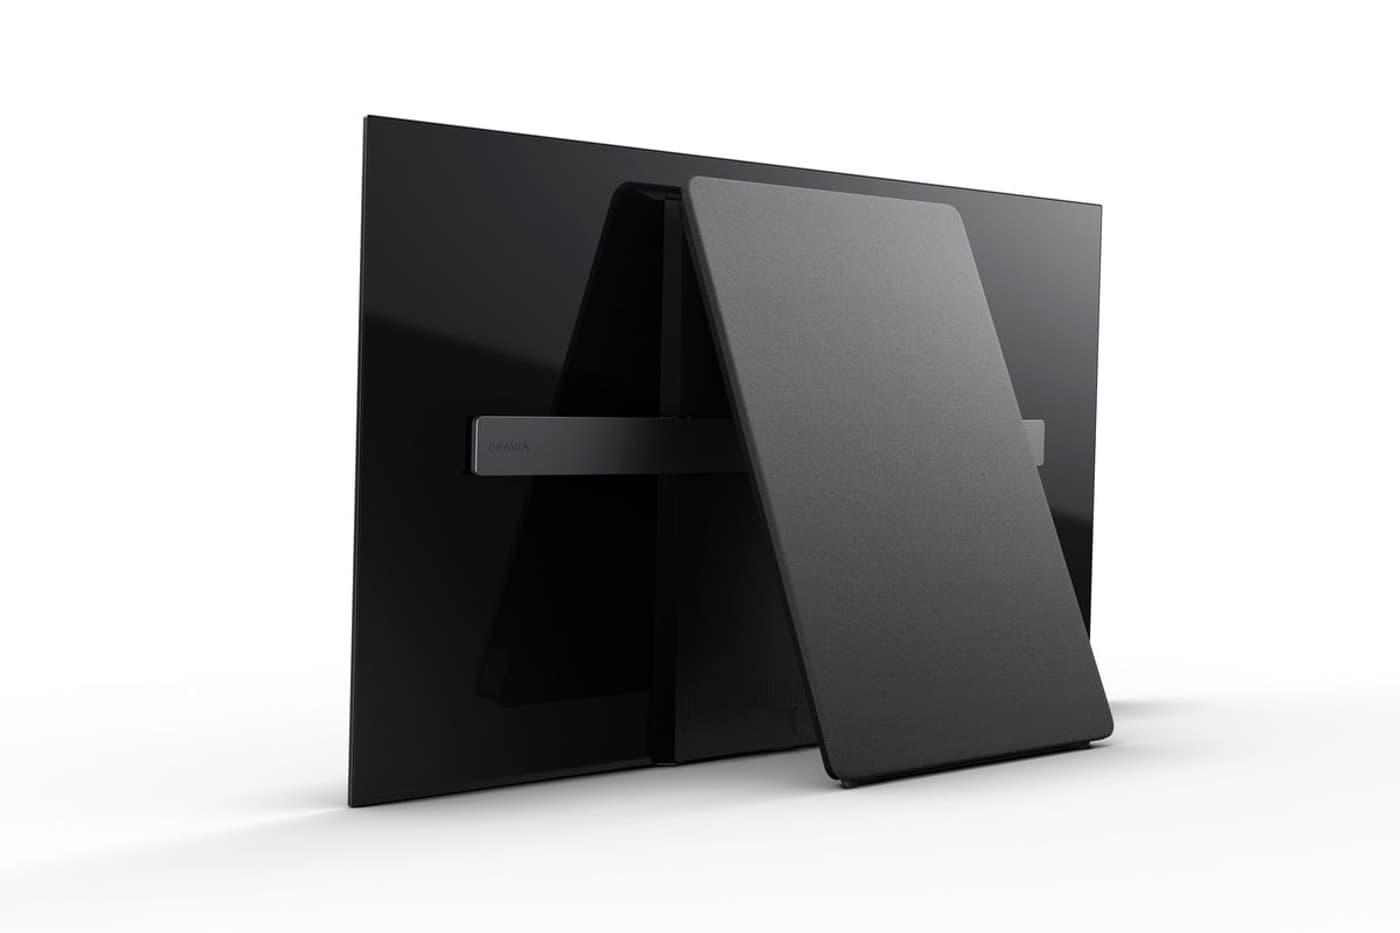 sony kd 55a1 139 cm 4k oled tv migros. Black Bedroom Furniture Sets. Home Design Ideas